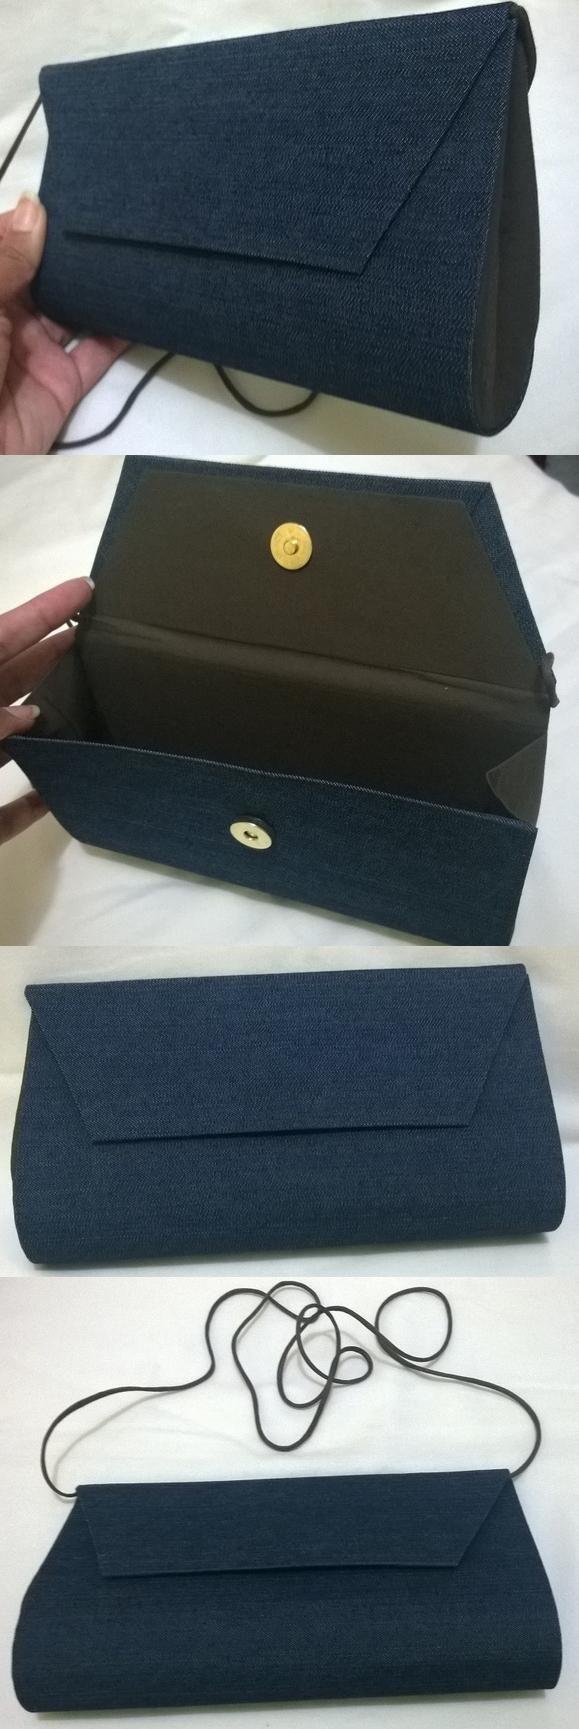 Bolsa feita com a técnica de cartonagem. Bolsa Jeans, forrada com tecido marrom 100% algodão. Pode ser usada com alça, alça não removível. (Ou pode colocar a alça para dentro e usar como bolsa de mão). Altura: 11. Comprimento: 21